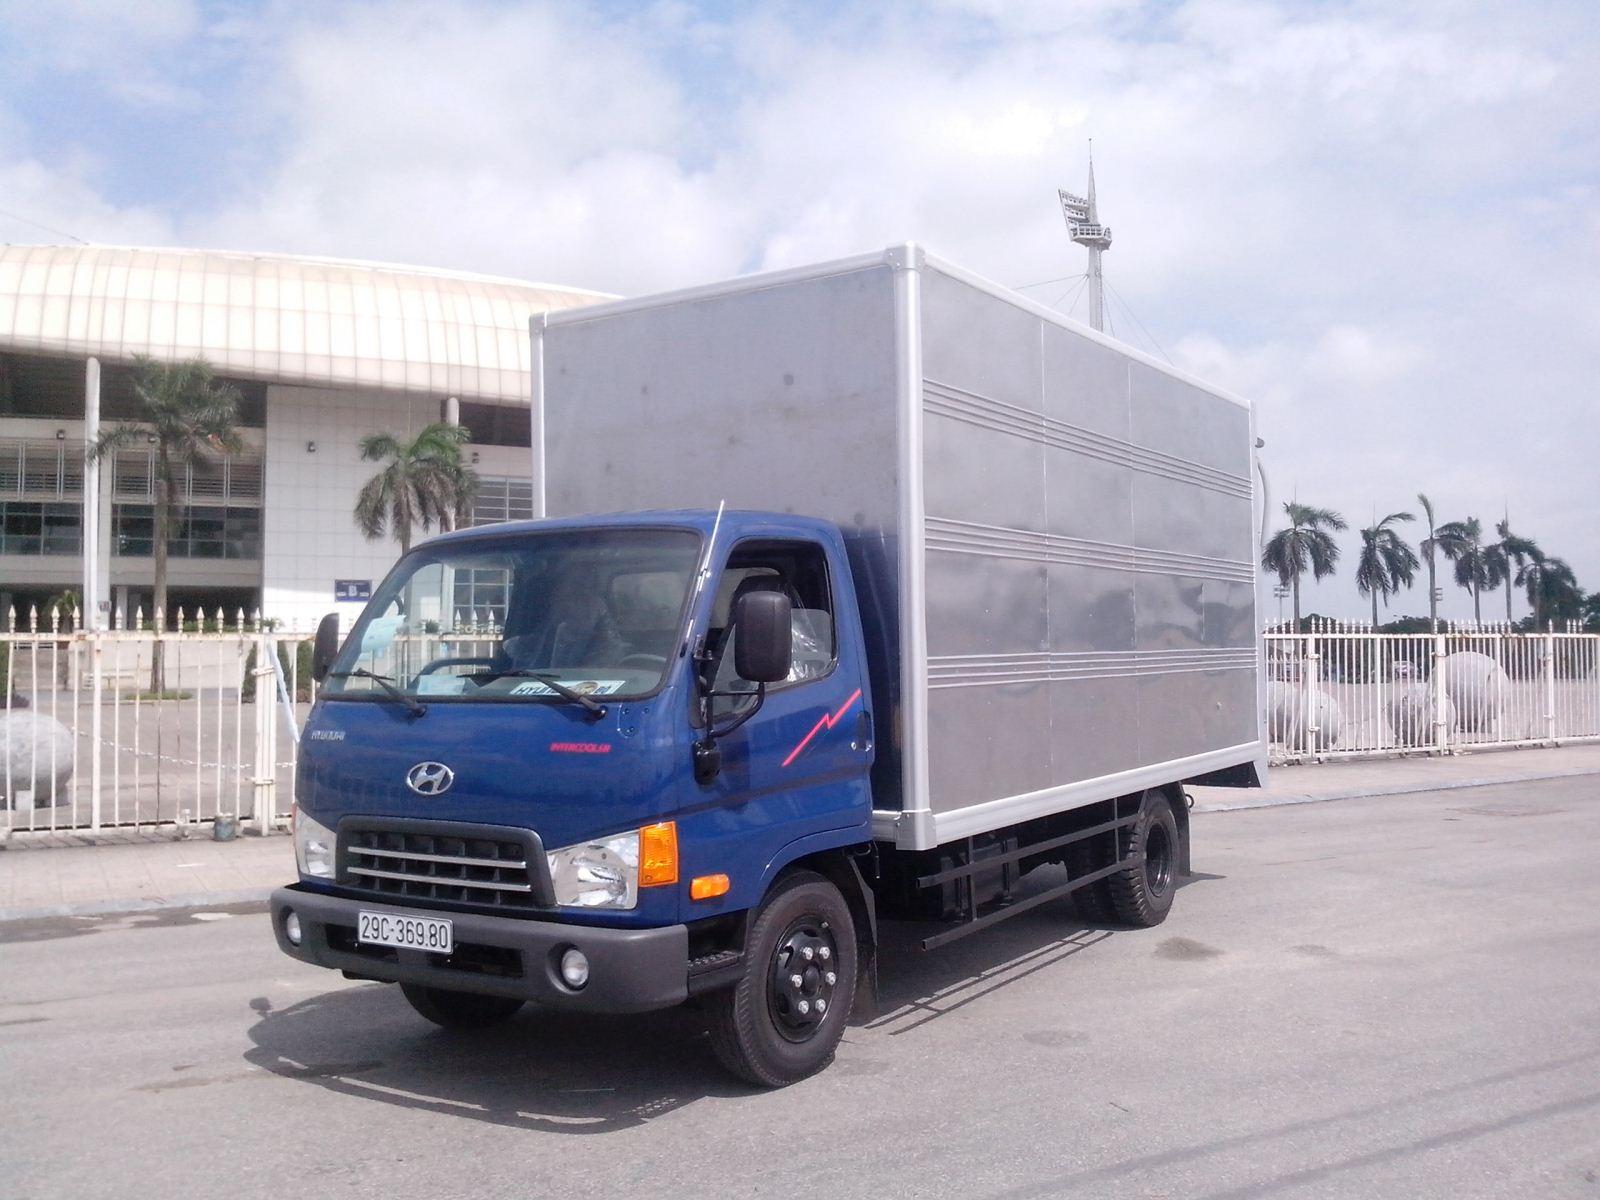 xe-tai-hyundai-mighty-hd600-dong-vang-12